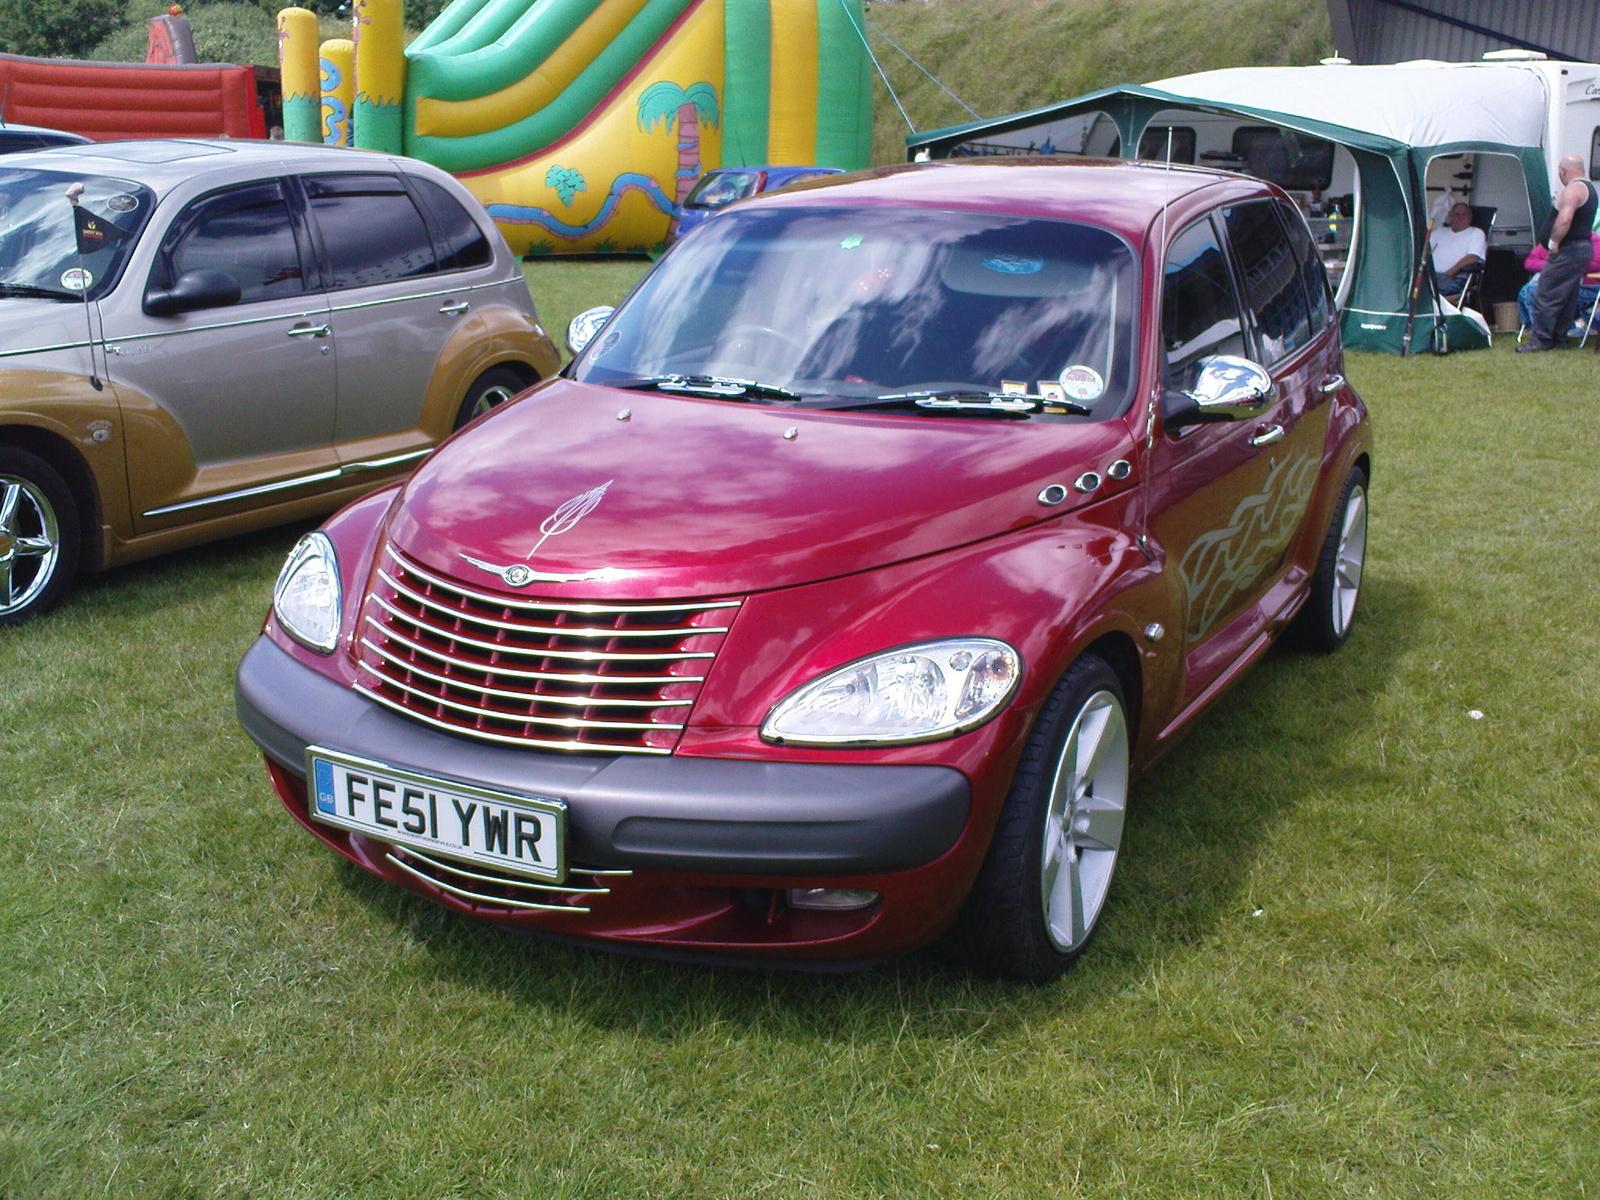 2001 Chrysler Pt Cruiser - Overview